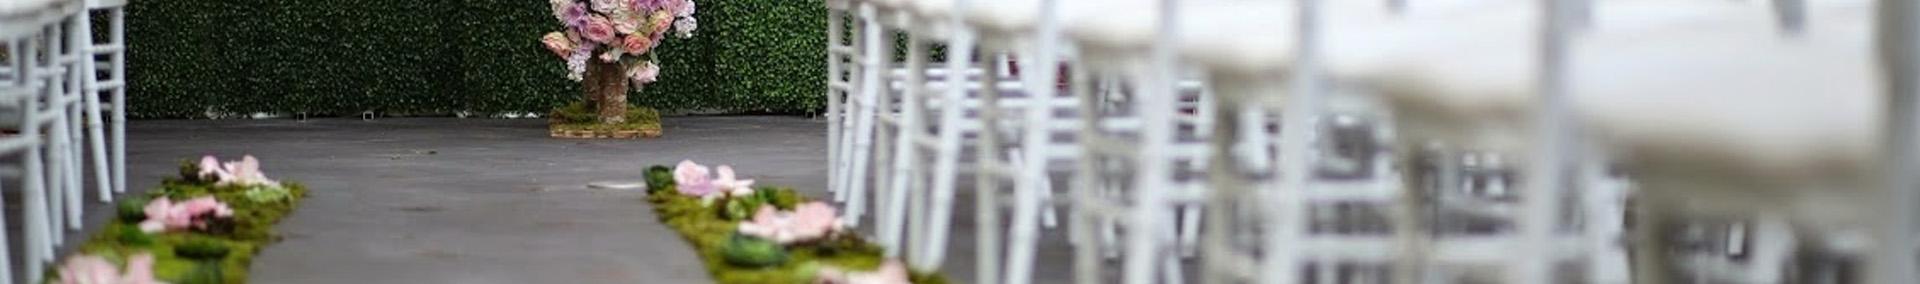 Outdoor wedding venue prepared for wedding ceremony